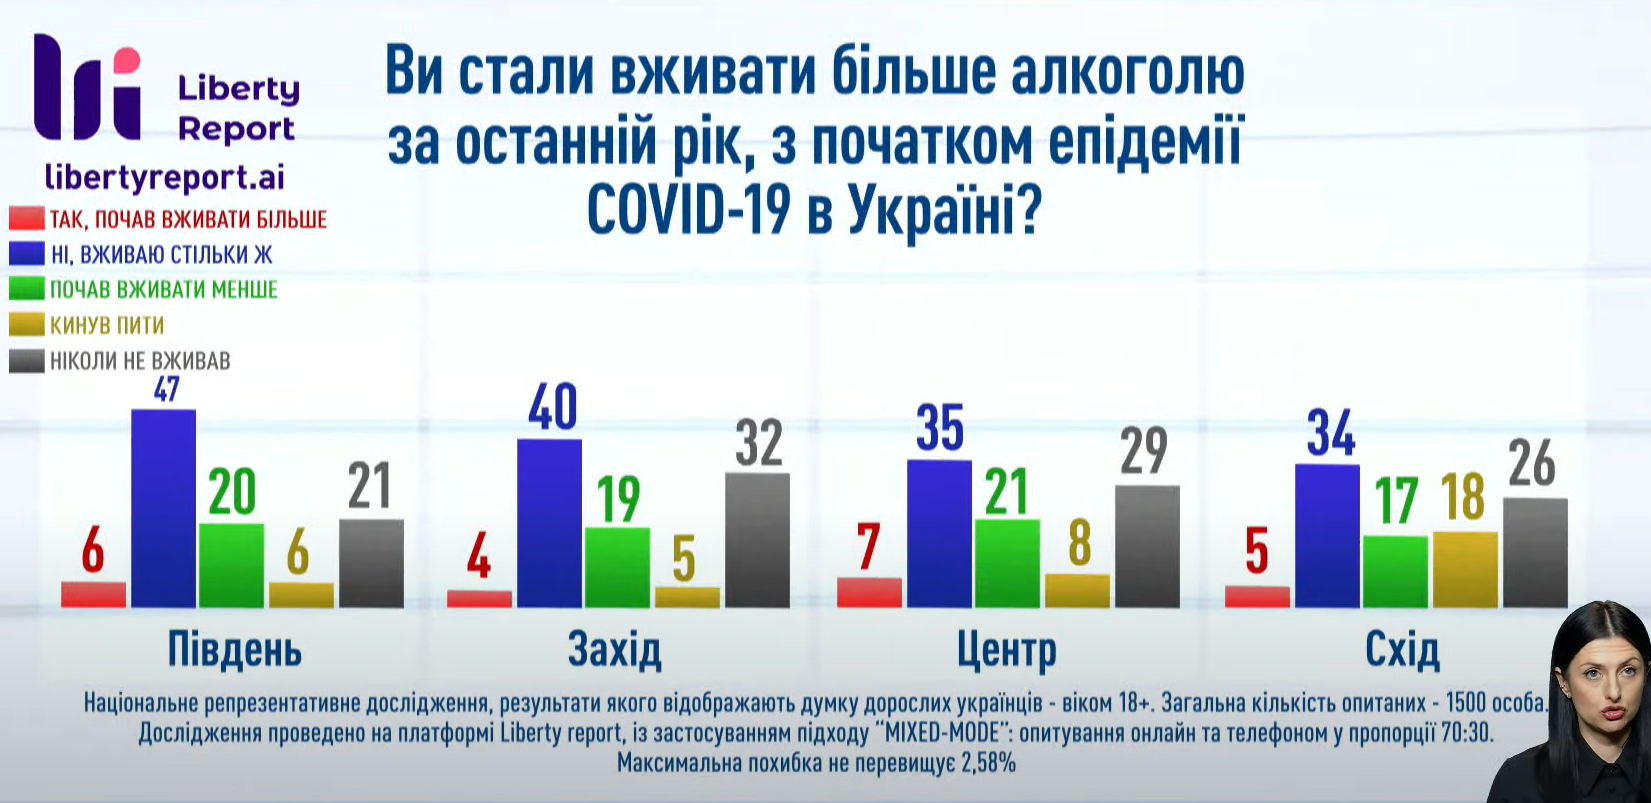 Дані щодо вживання алкоголю в регіонах.